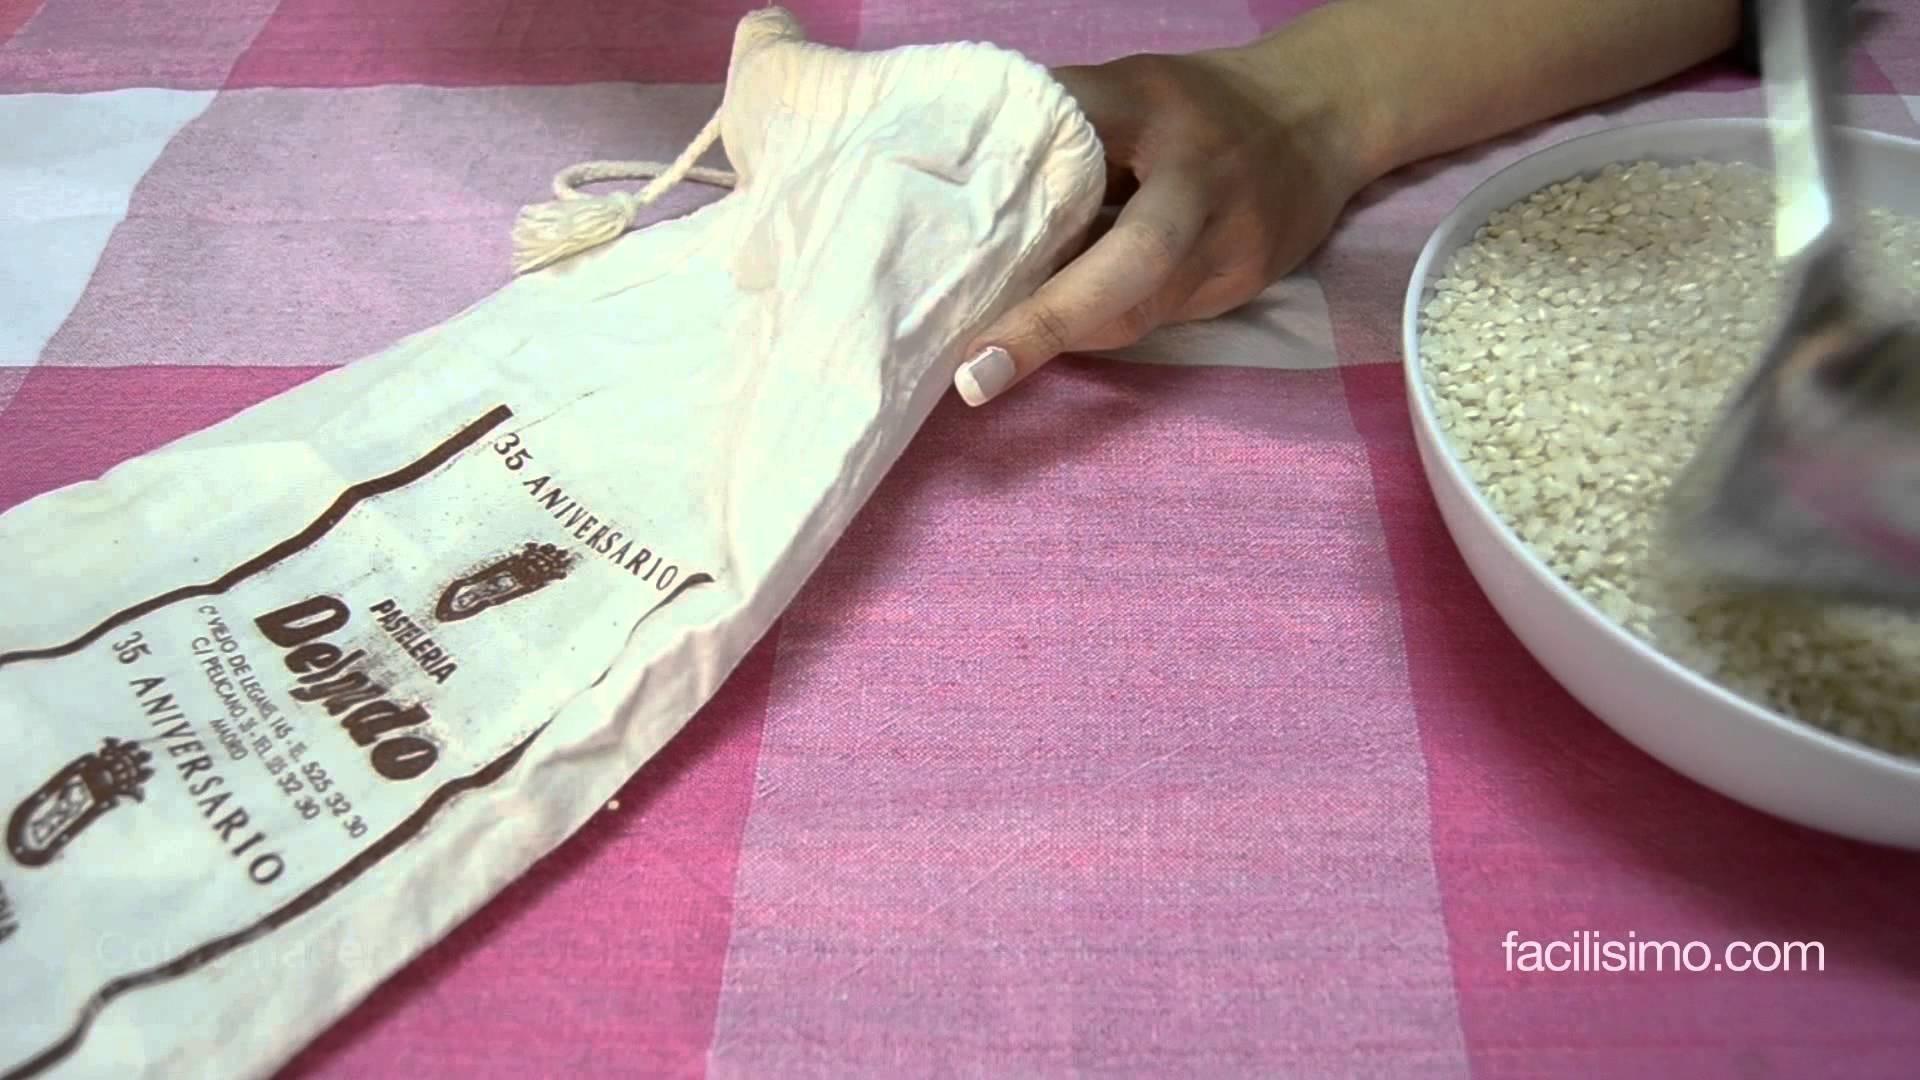 Cómo hacer una bolsa de calor con semillas    facilisimo.com